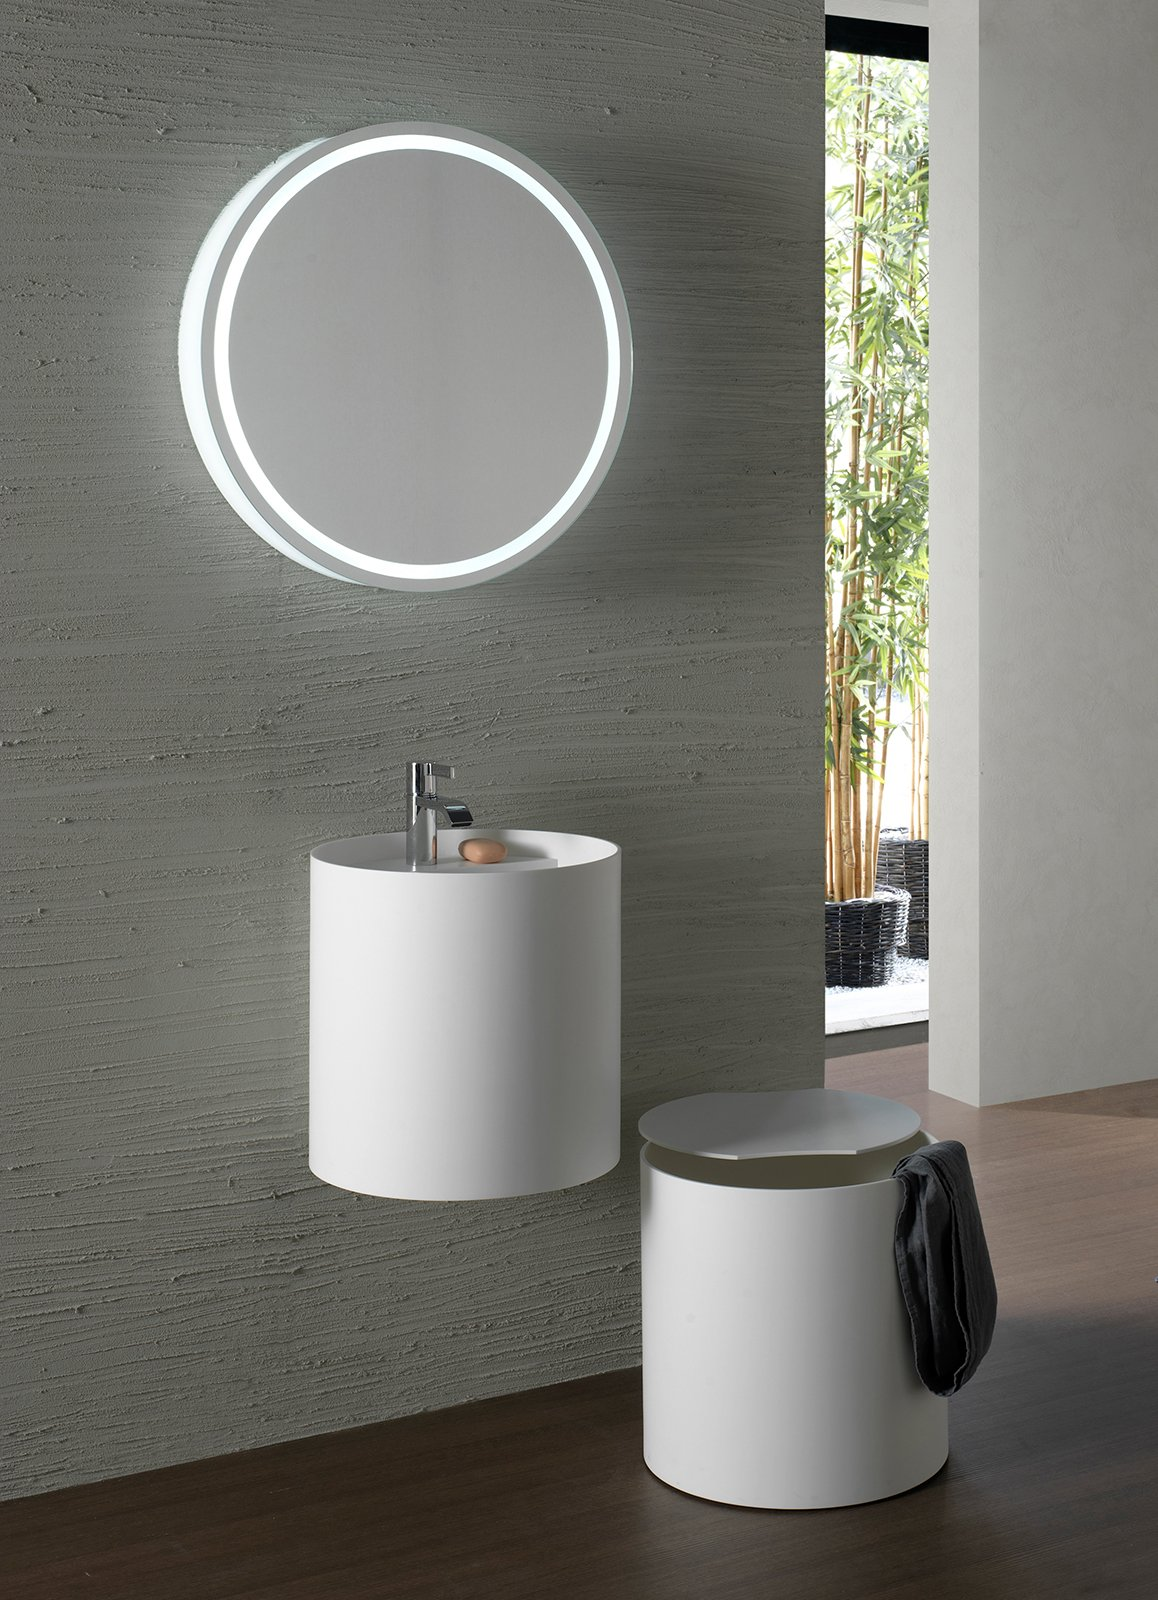 Specchi per il bagno cose di casa - Specchi particolari per bagno ...